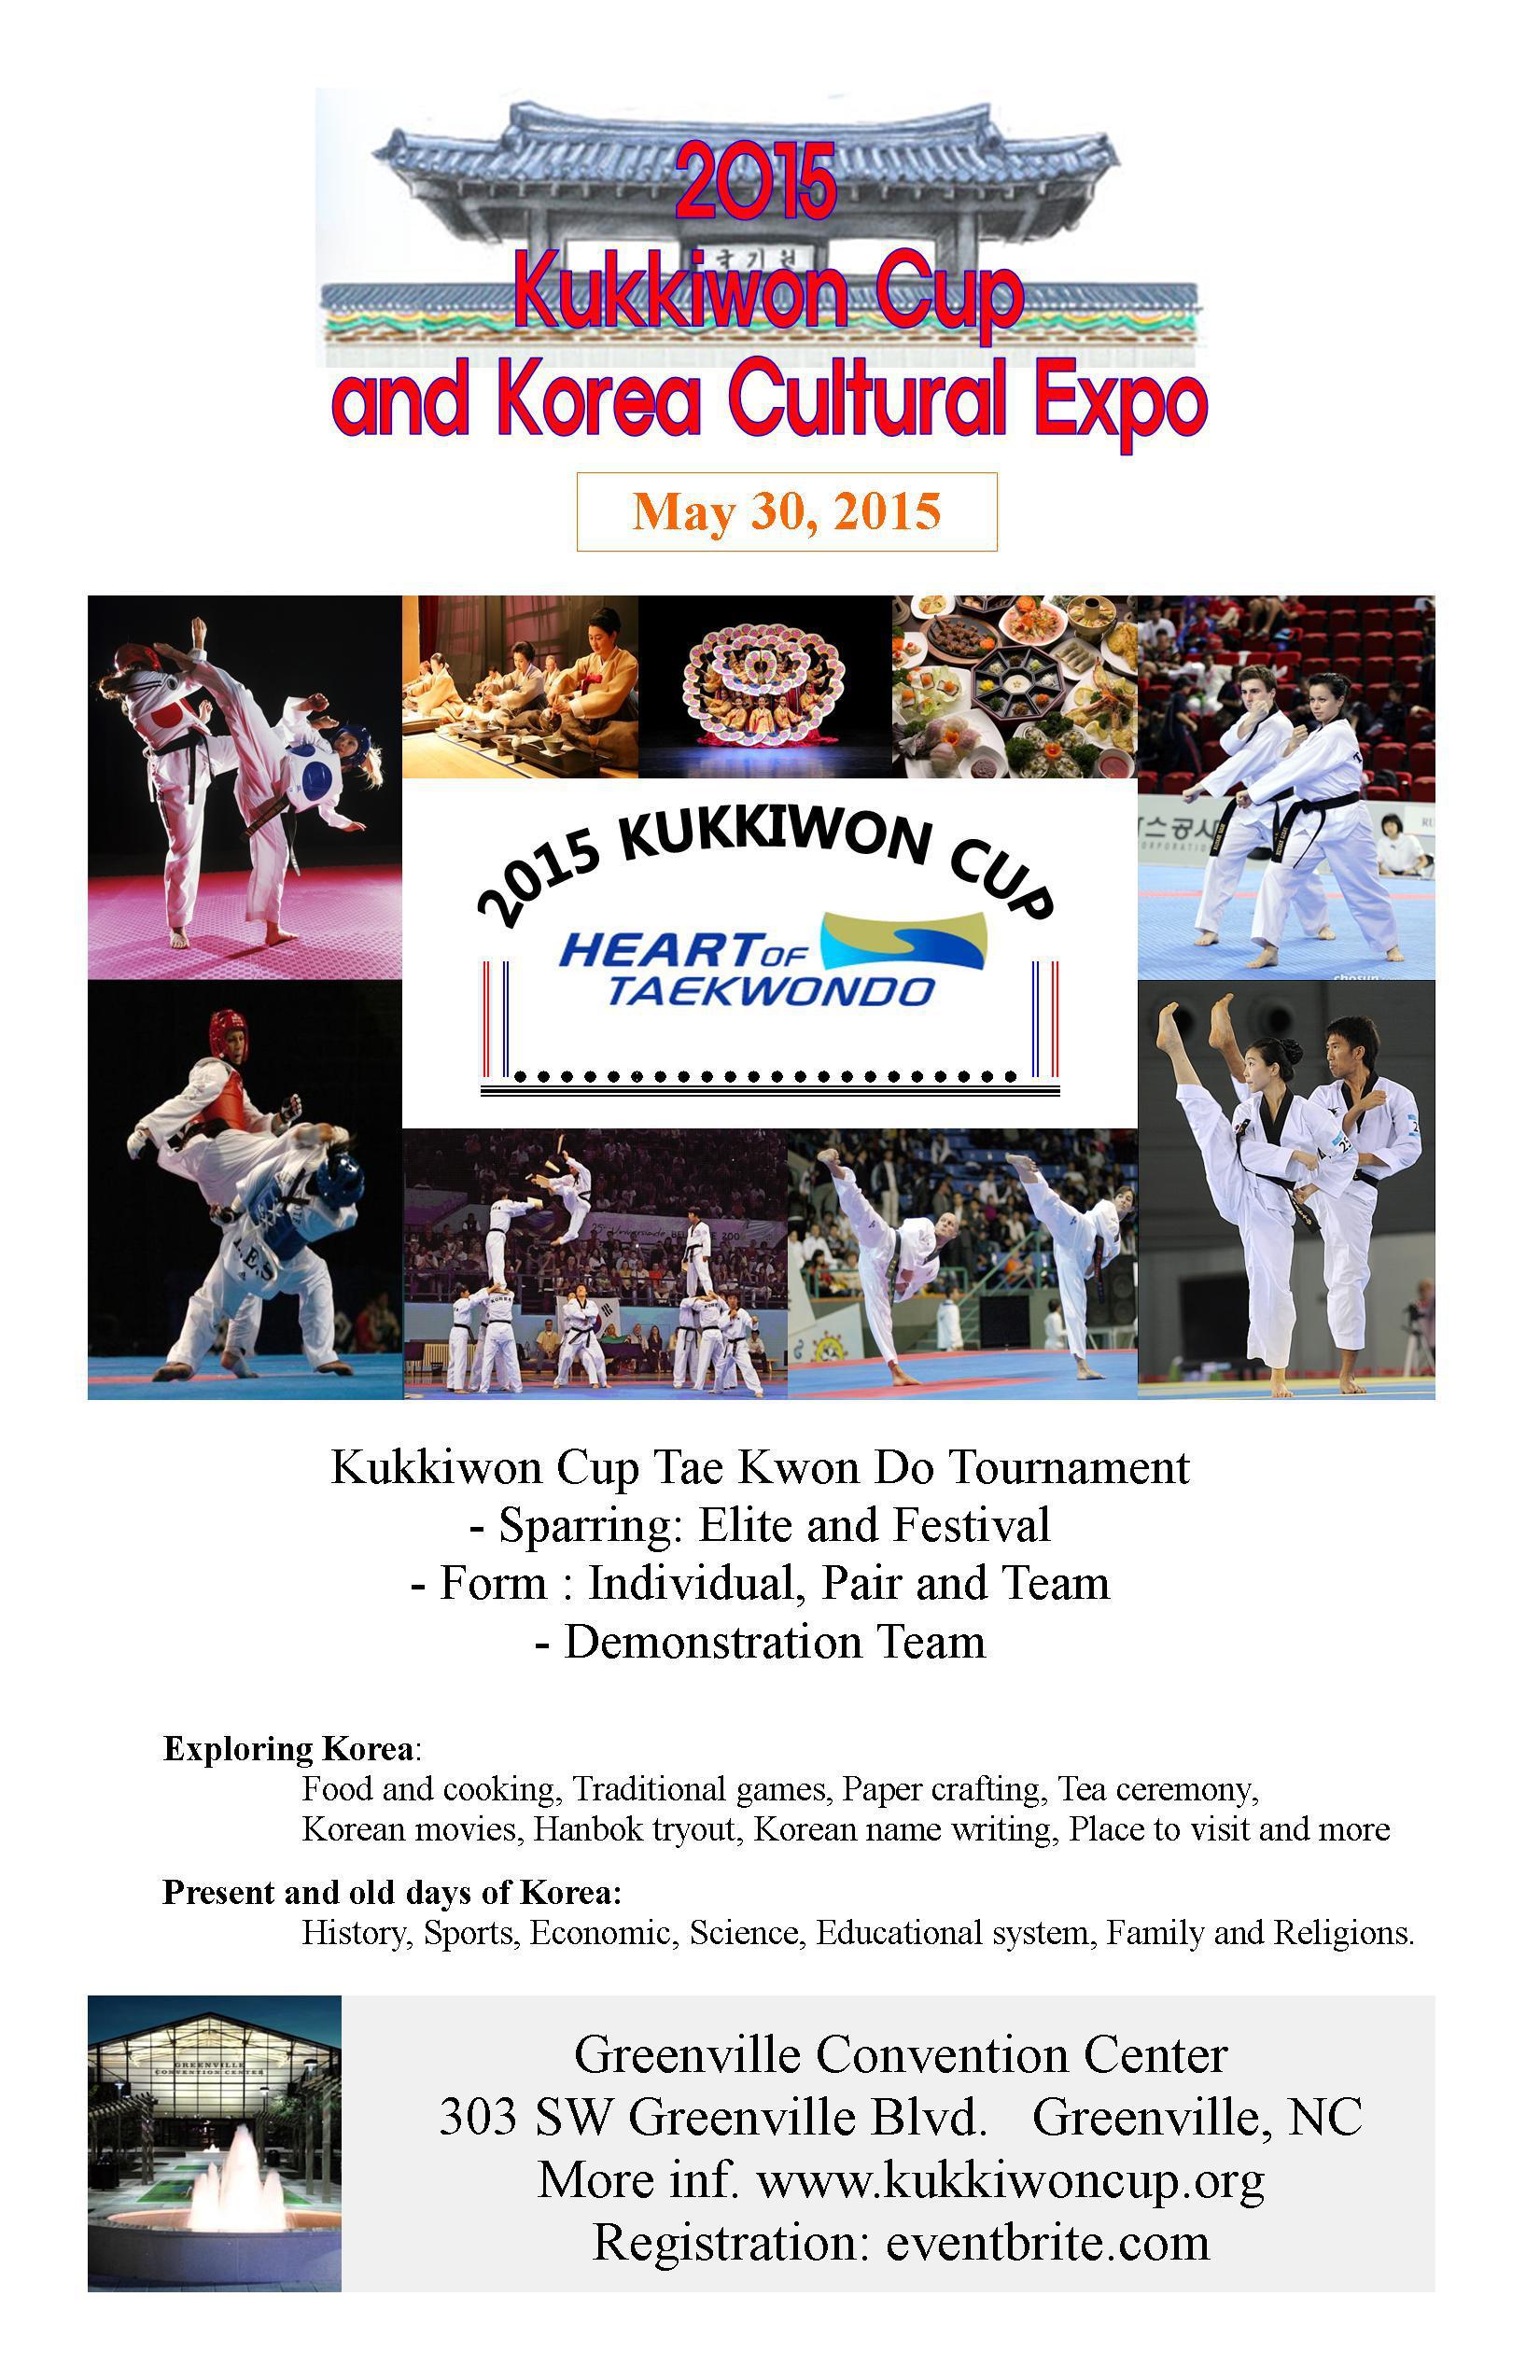 Martial Arts Greenville, NC